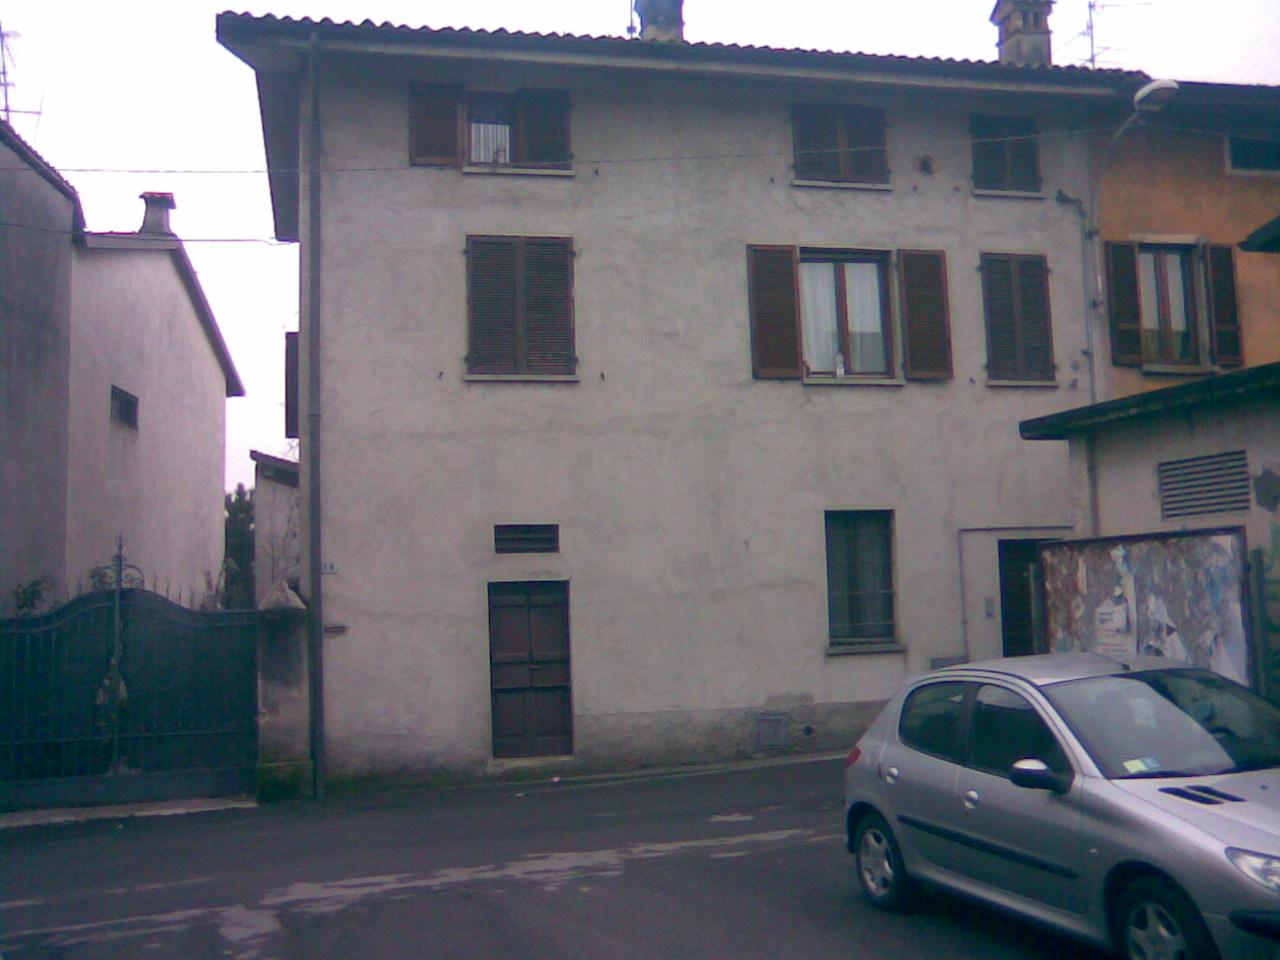 Affitto villa cividate al piano bergamo italia via for Affitto villa bergamo